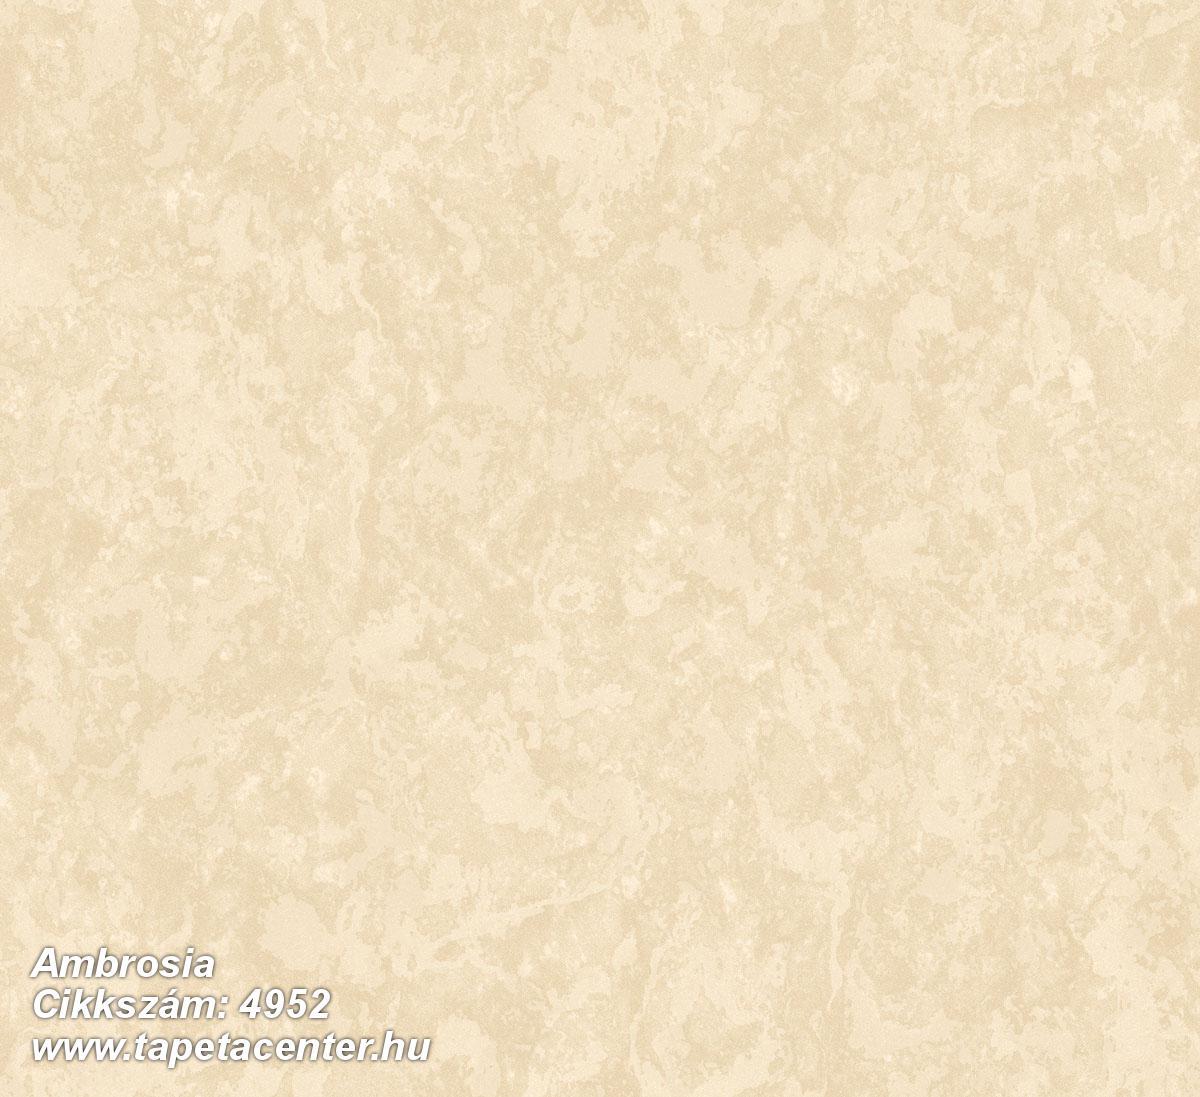 Barokk-klasszikus,kőhatású-kőmintás,bézs-drapp,súrolható,vlies tapéta